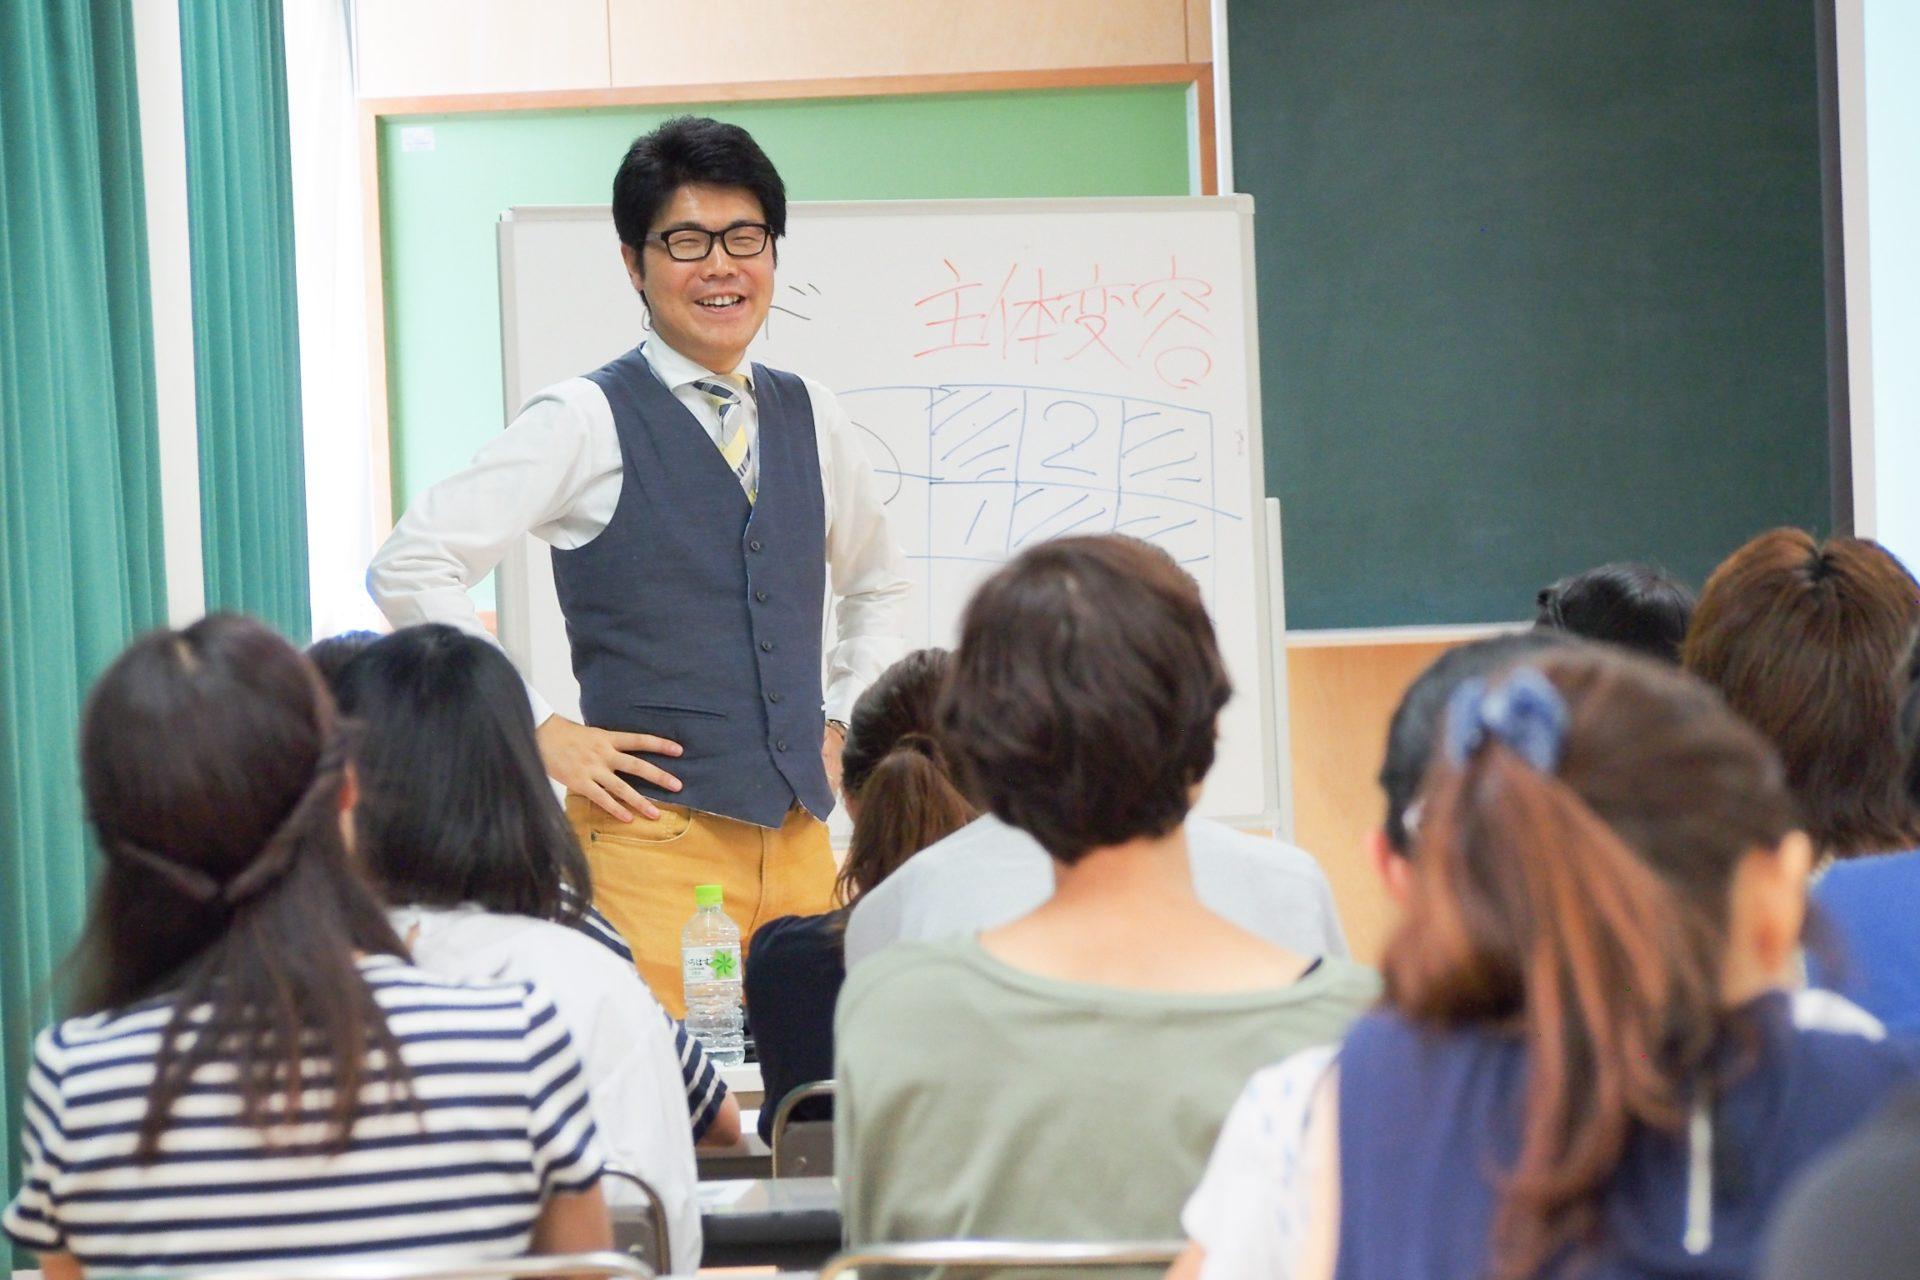 自走教育マネジメント - 社内に塾をつくって人を育てる